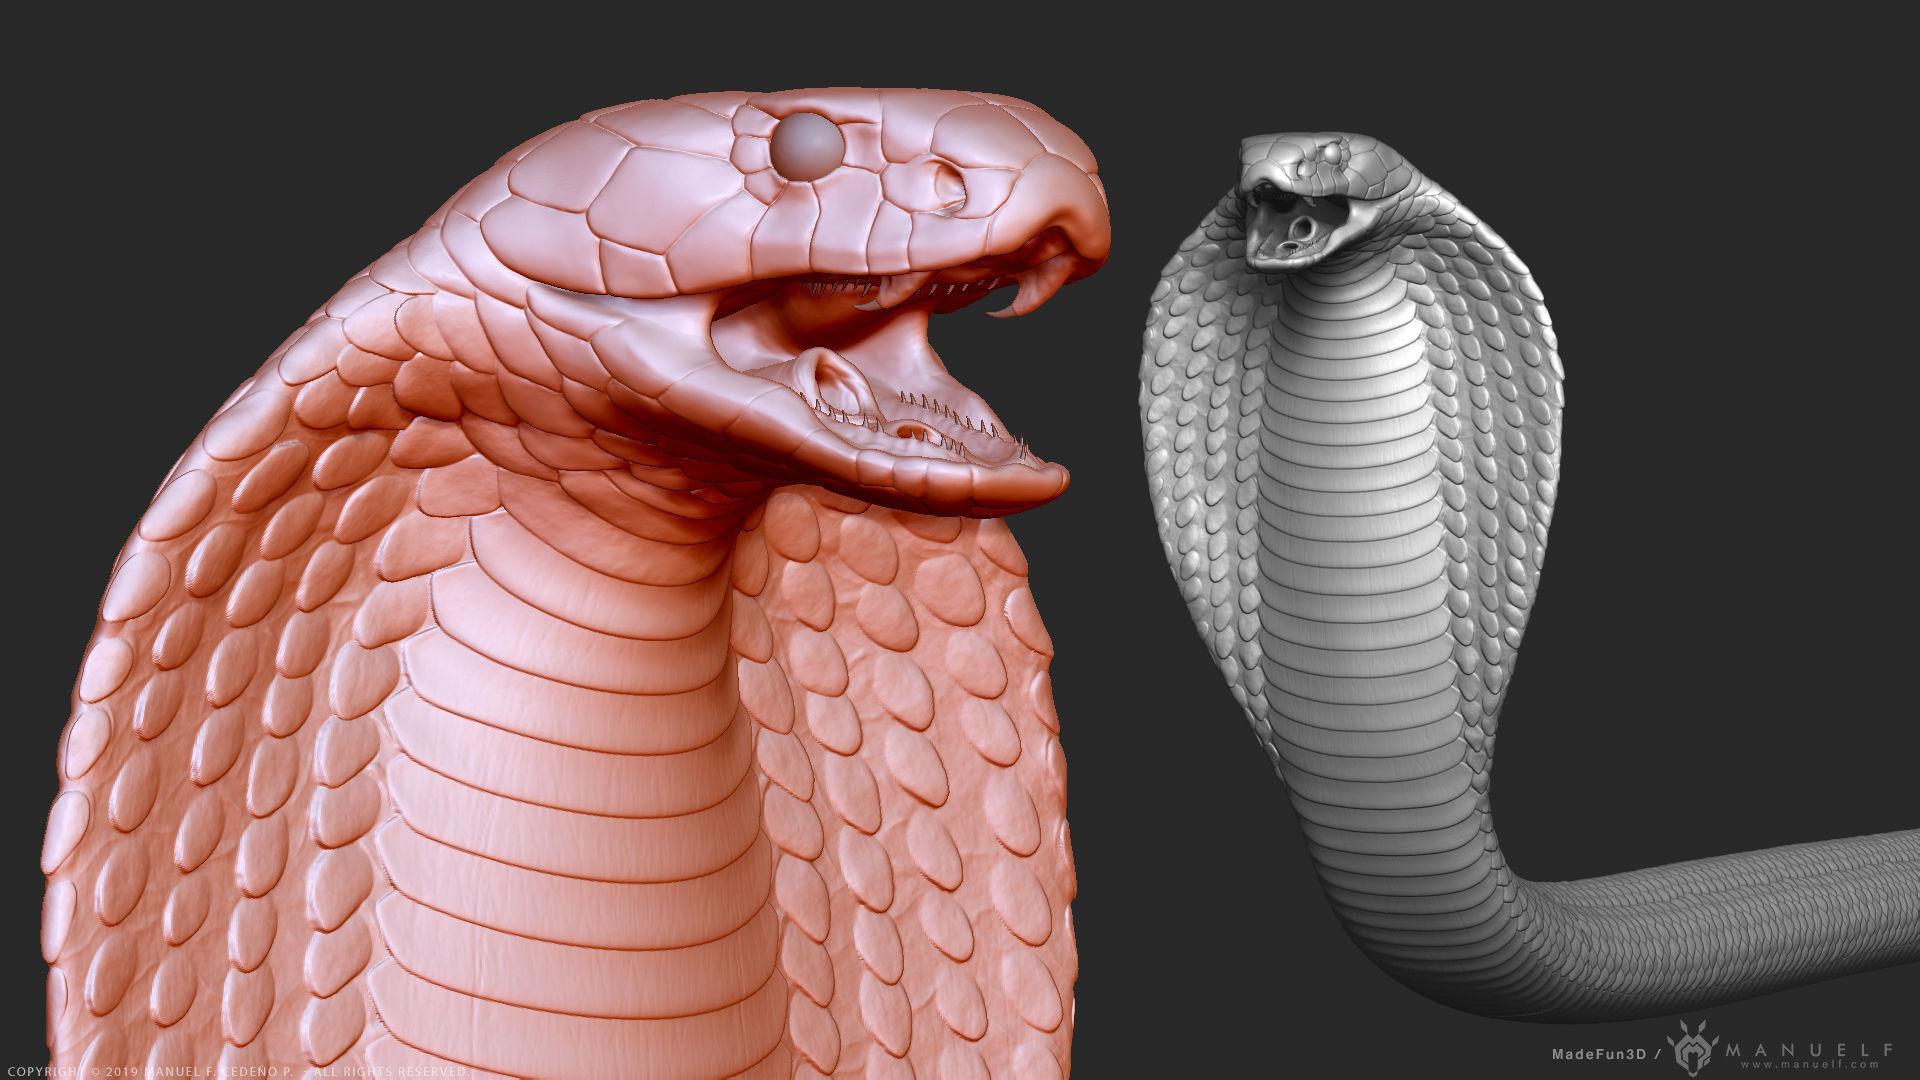 king cobra snake highpoly sculpture 3d model obj mtl ztl zbp cob scn rsobj rsscn